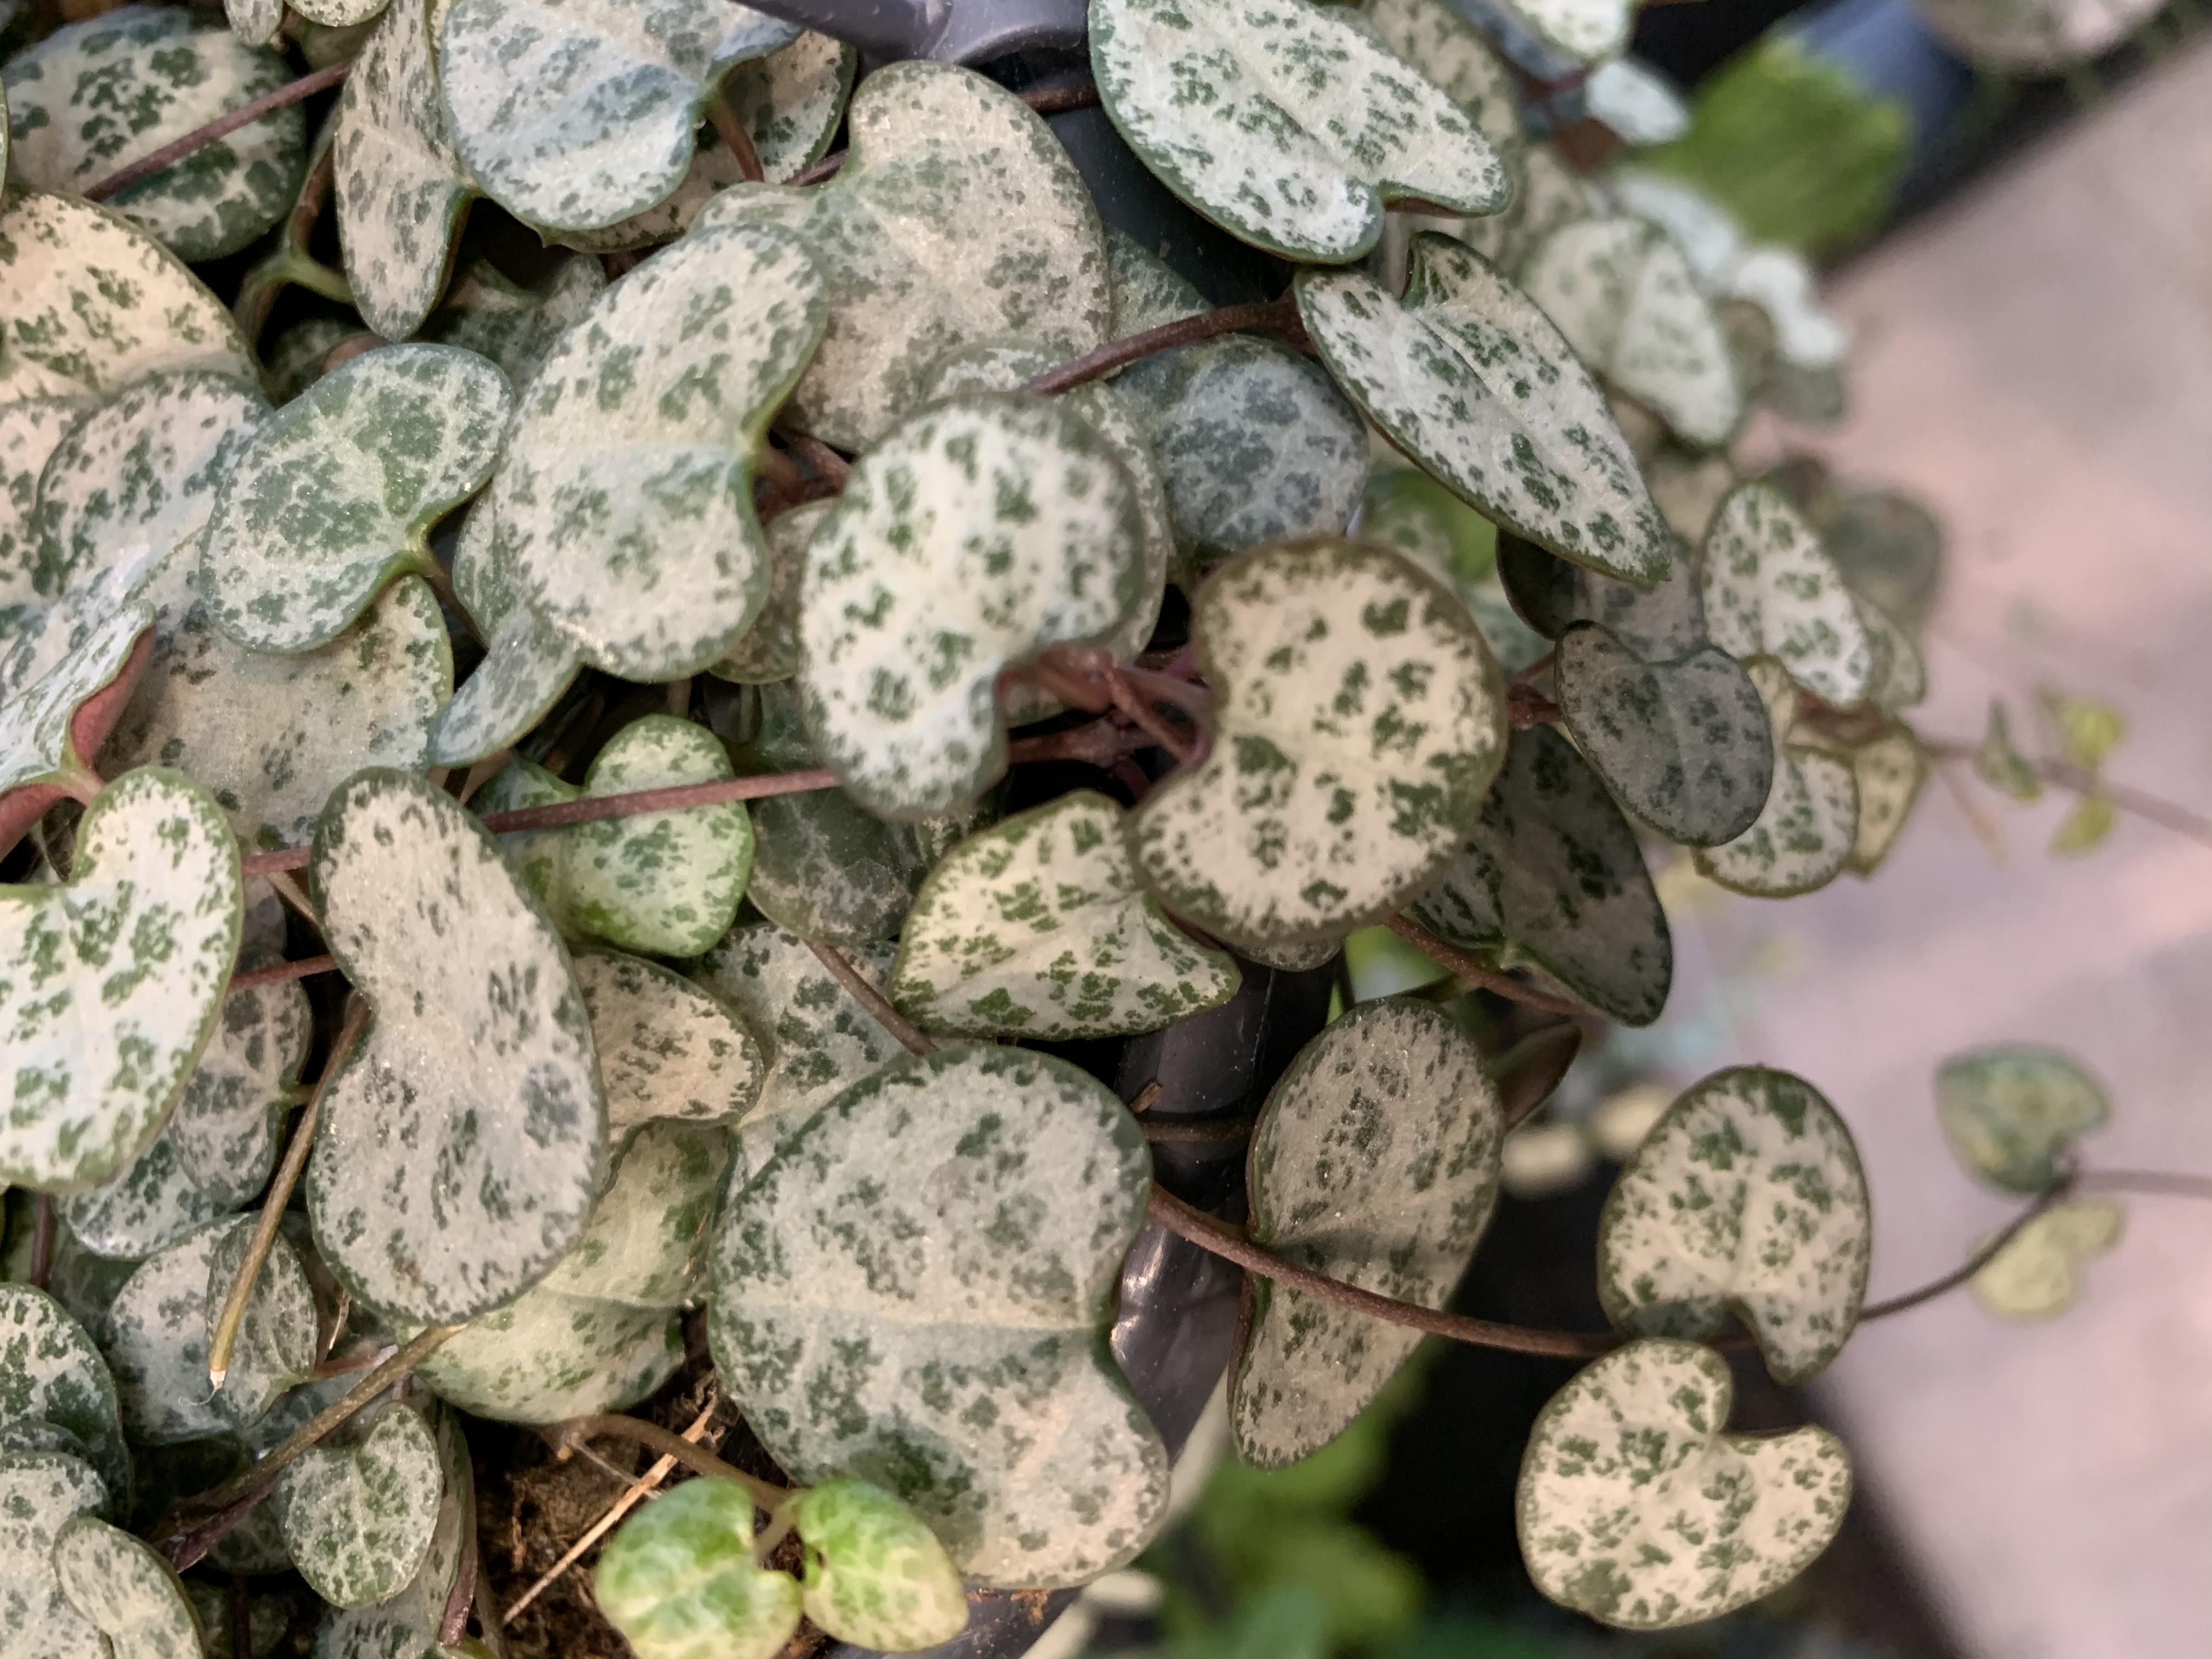 La pianta di Ceropegia Woodii è una elegante pianta pendula da appartamento, di facile coltivazione. Richiede terreno molto ben drenato e privo di ristagni idrici.